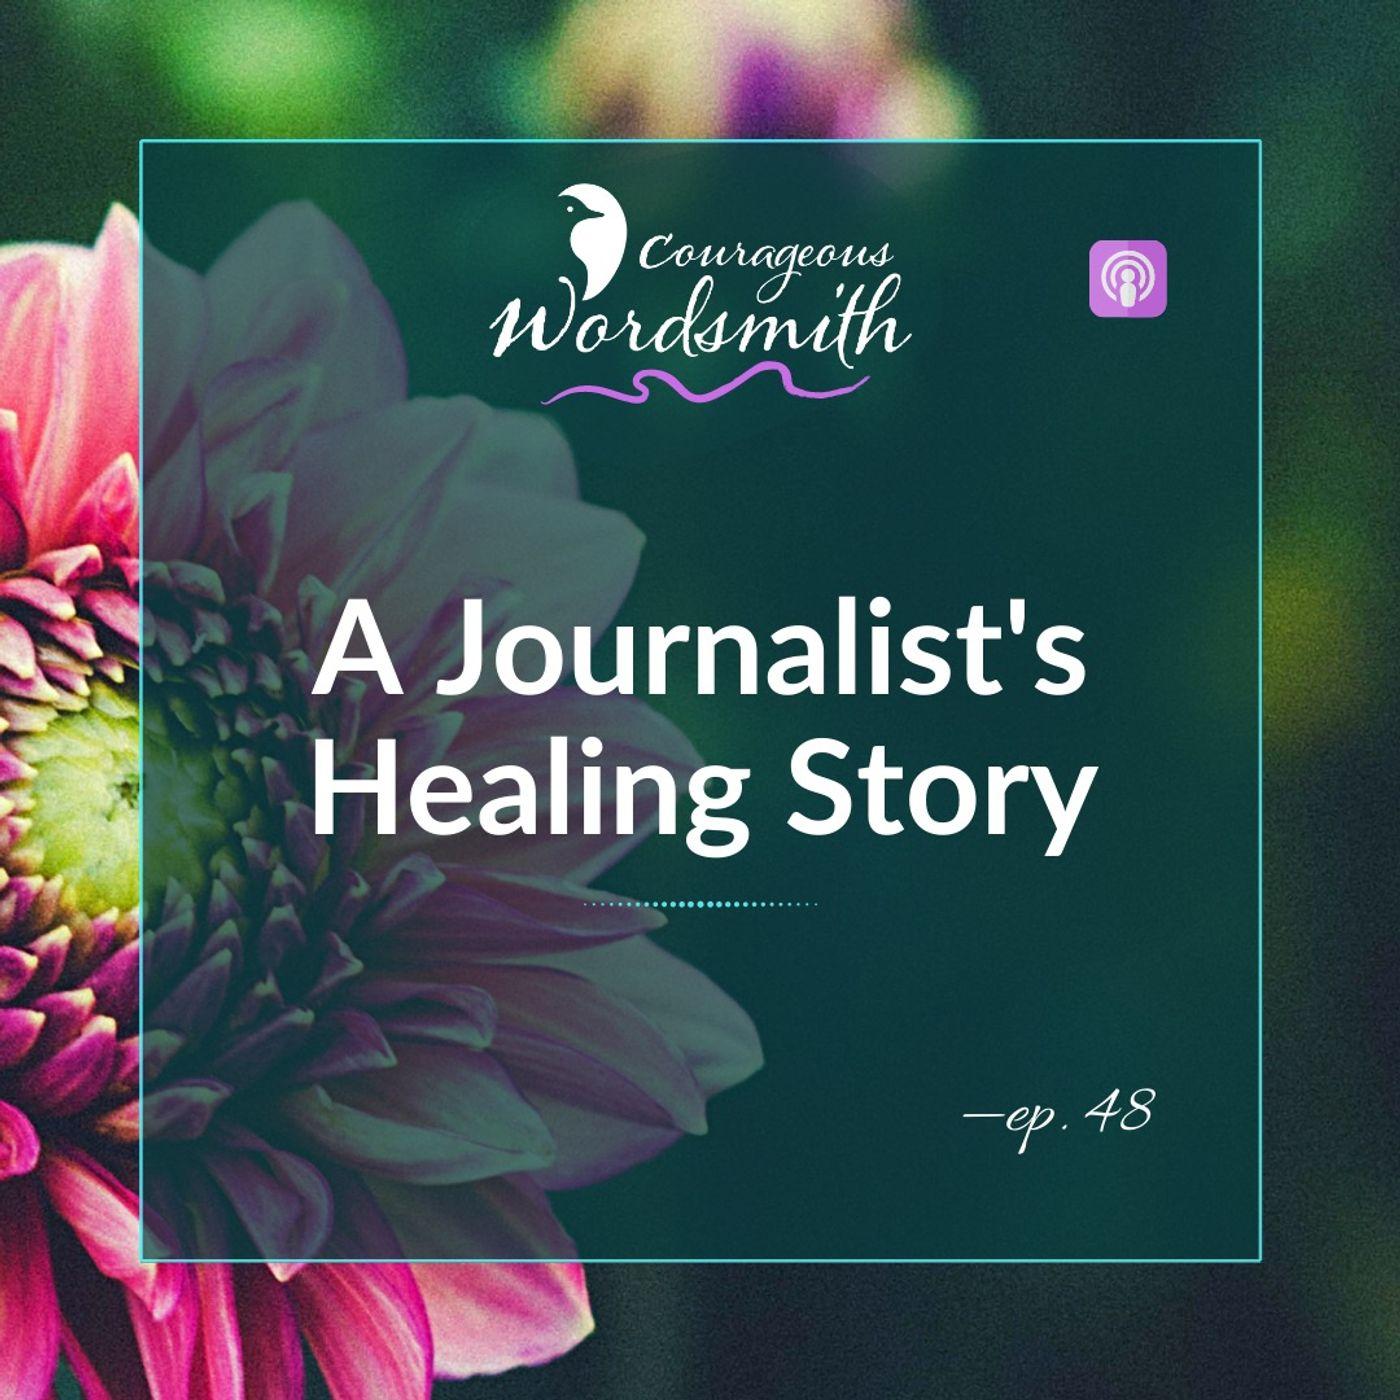 A Journalist's Healing Story